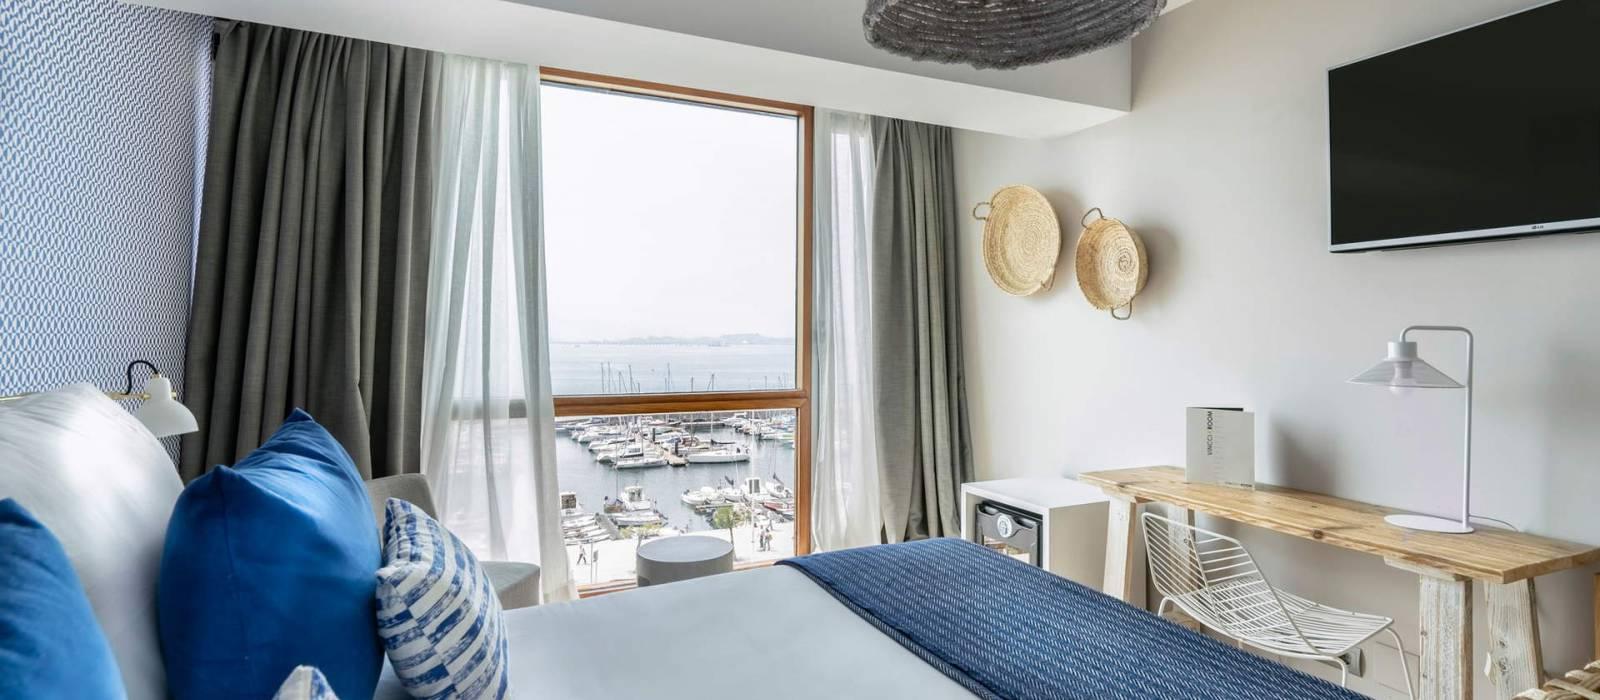 Rooms Hotel Vincci Santander Puertochico - Double Room with Sea View